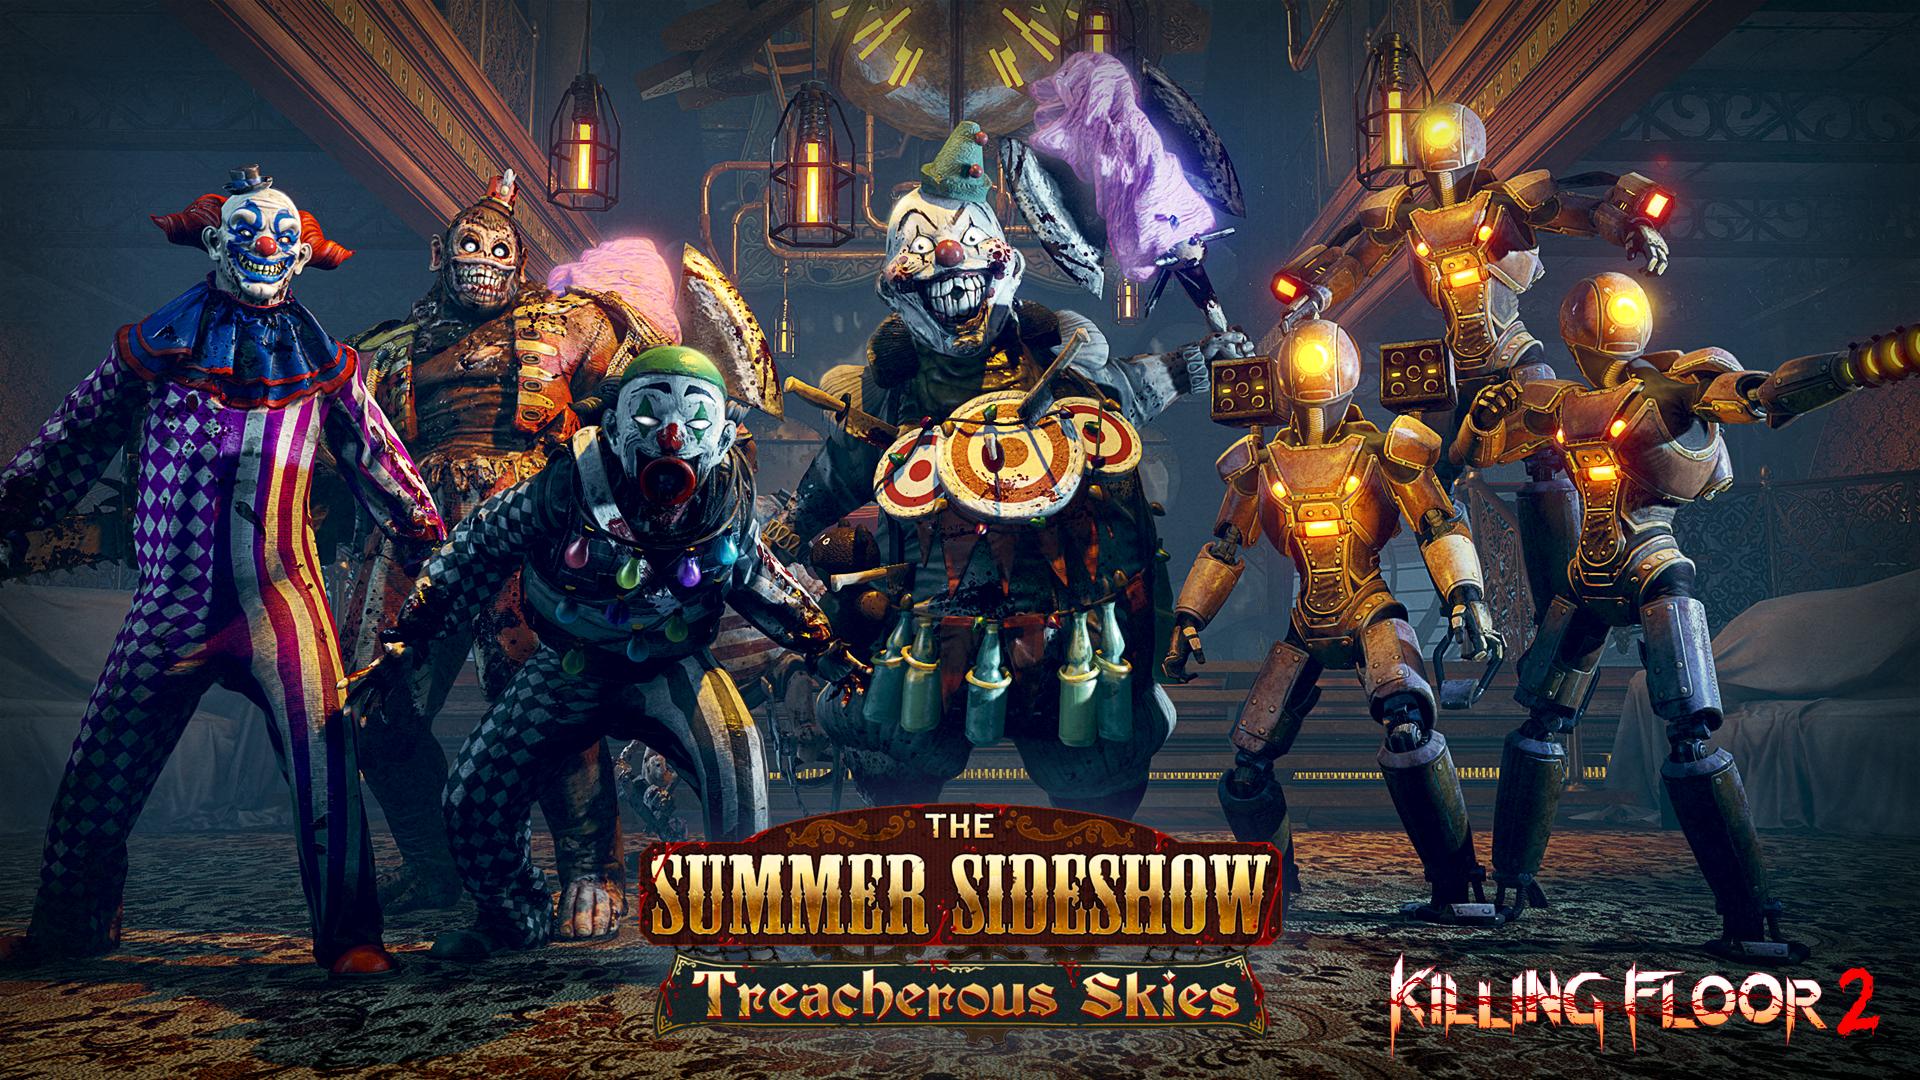 Killing Floor 2 - The Summer Sideshow: Treacherous Skies Новое обновление будет доступно 12 июня!